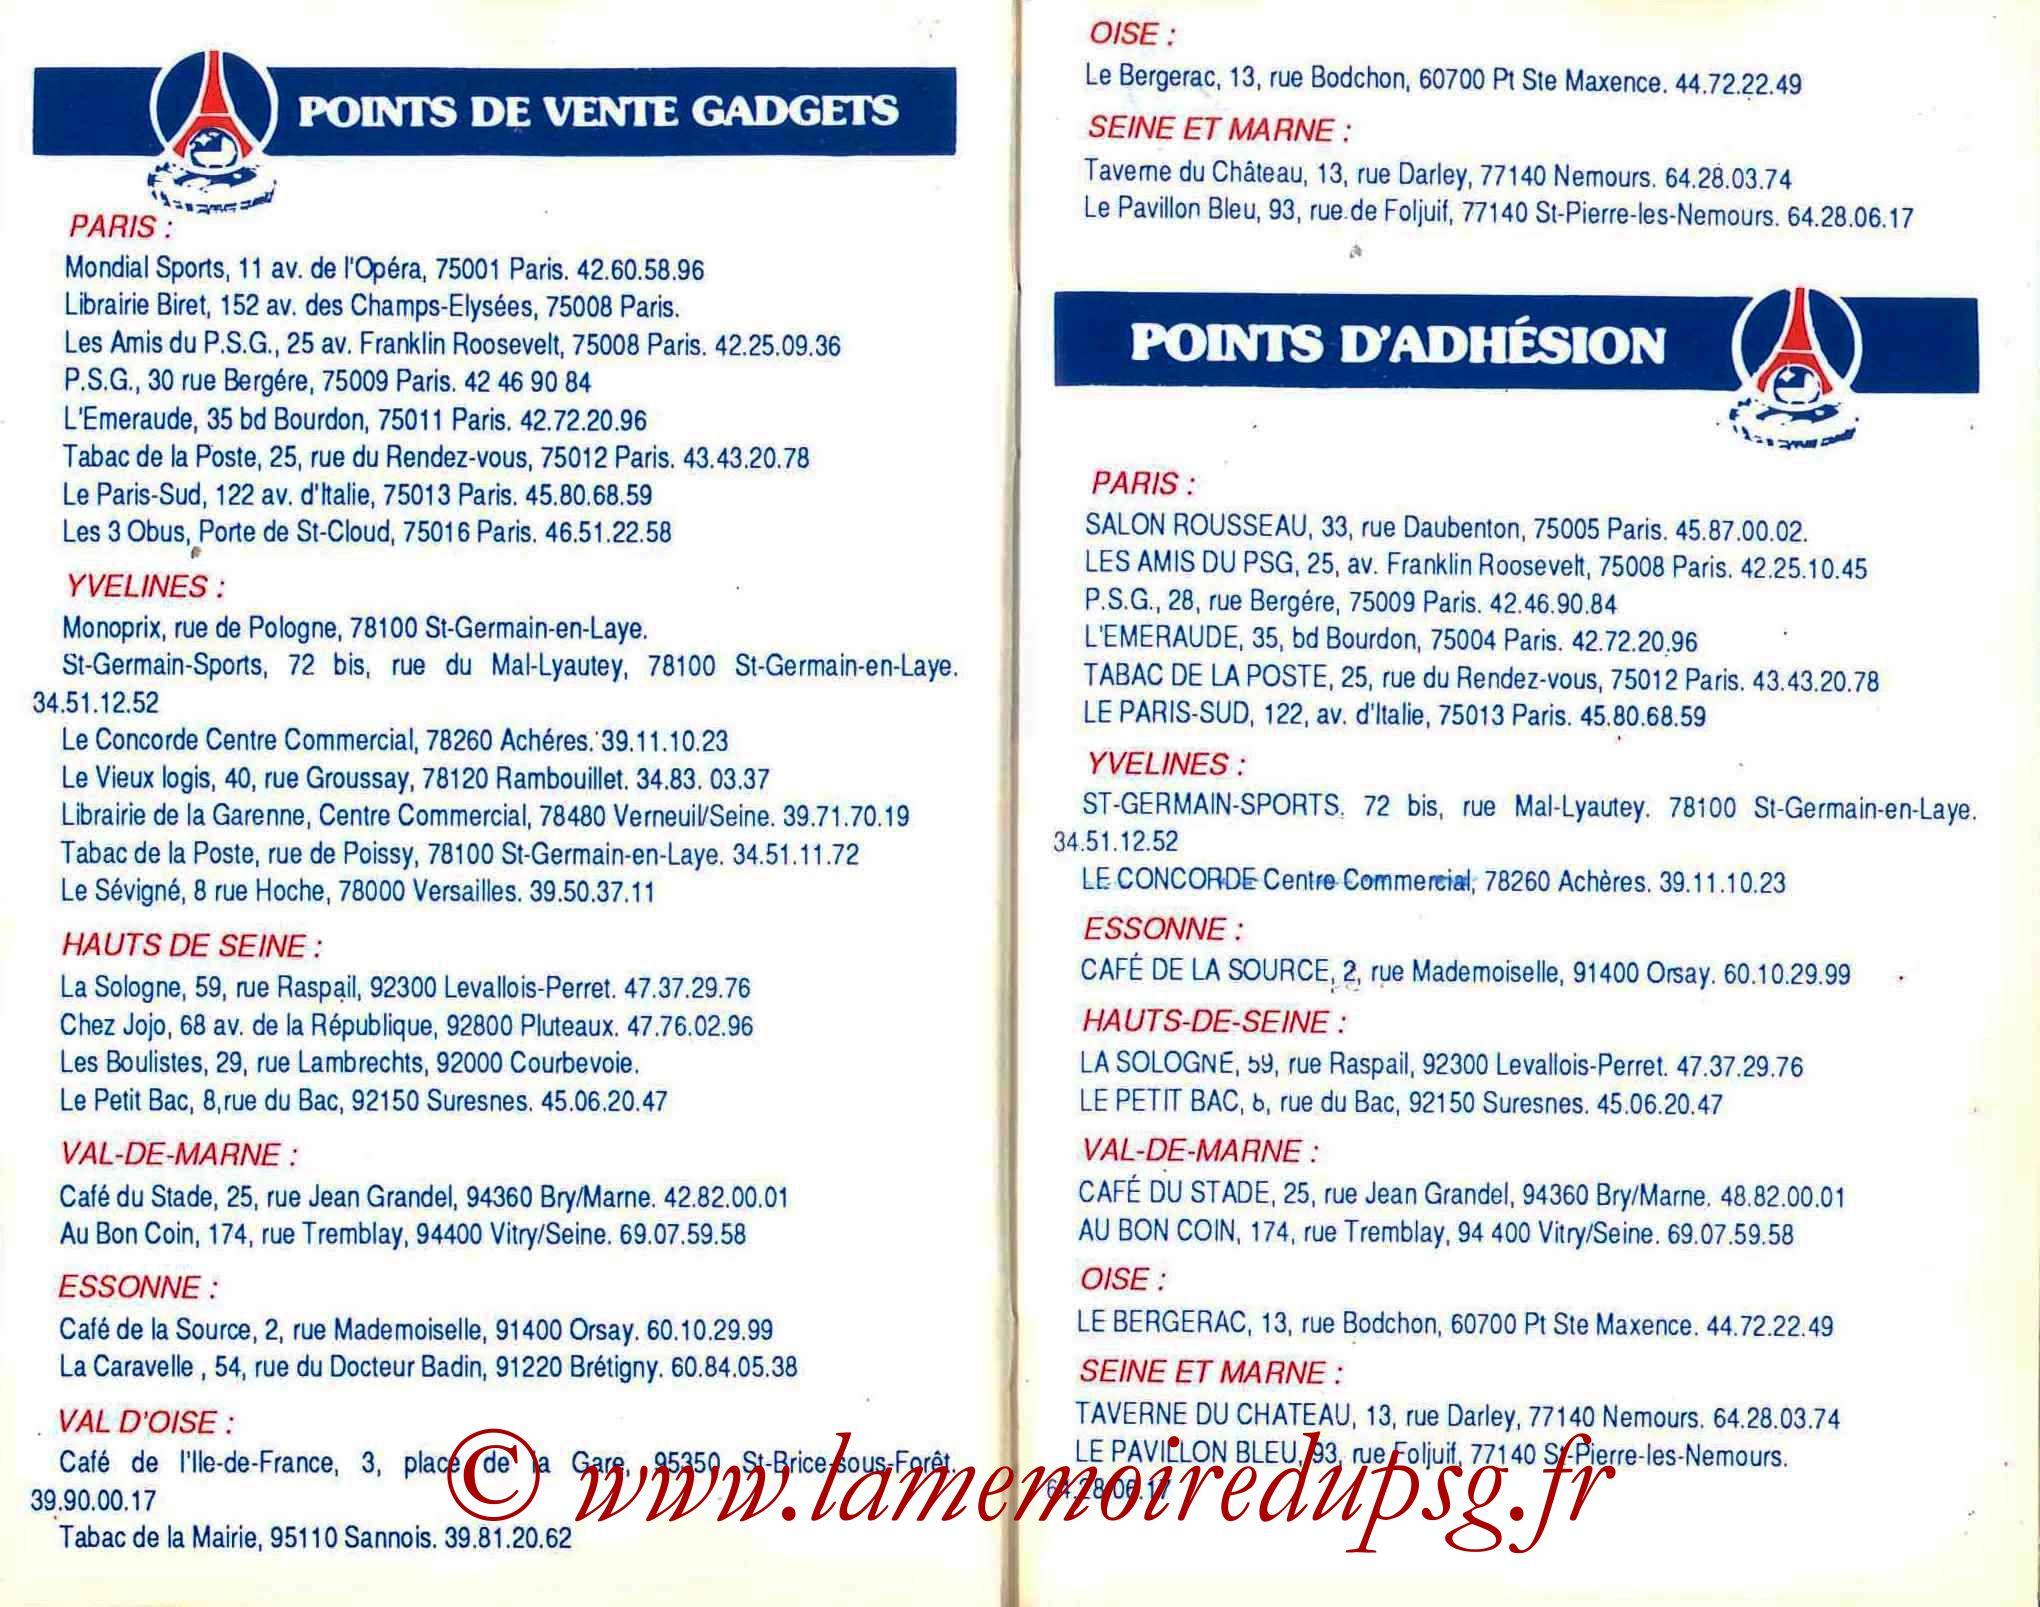 1987-88 - Guide de la Saison PSG - Pages 22 et 23